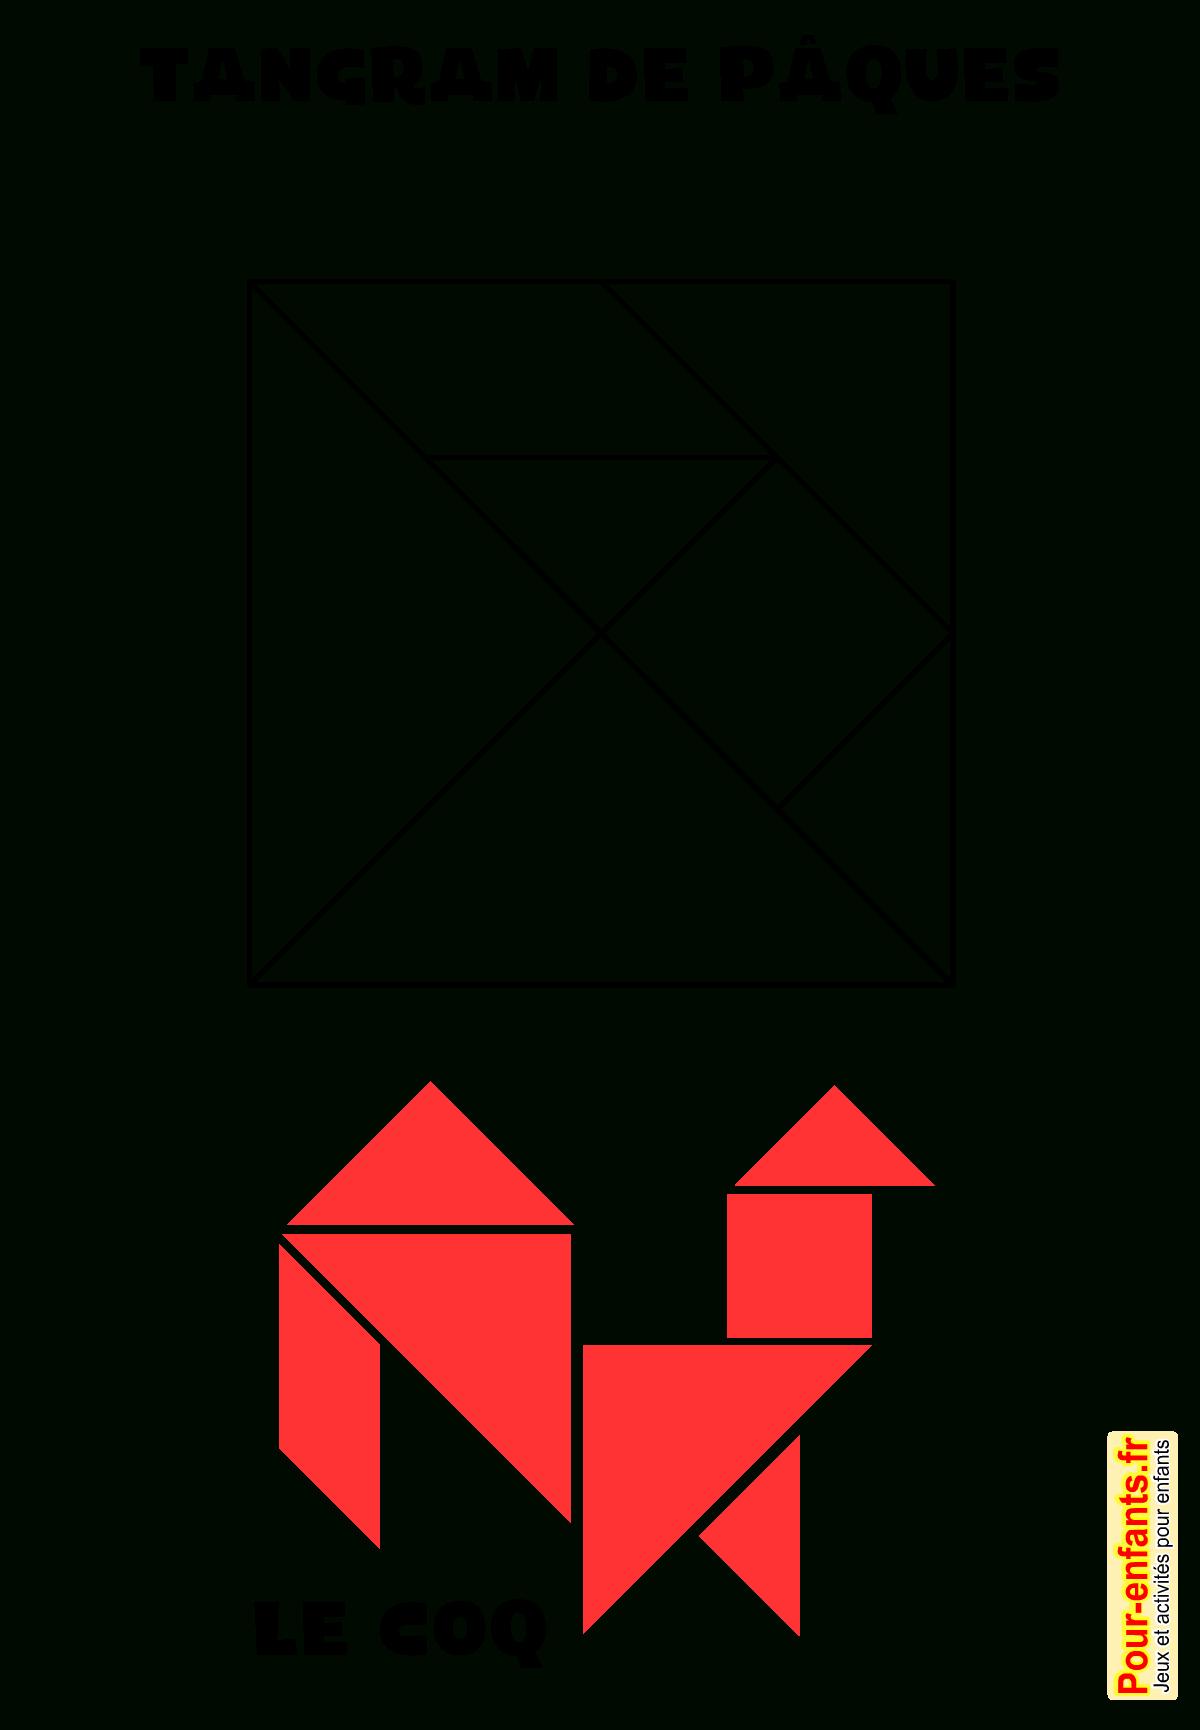 Jeux De Paques À Imprimer Tangram Dessin De Coq Jeu De intérieur Modèle Tangram À Imprimer